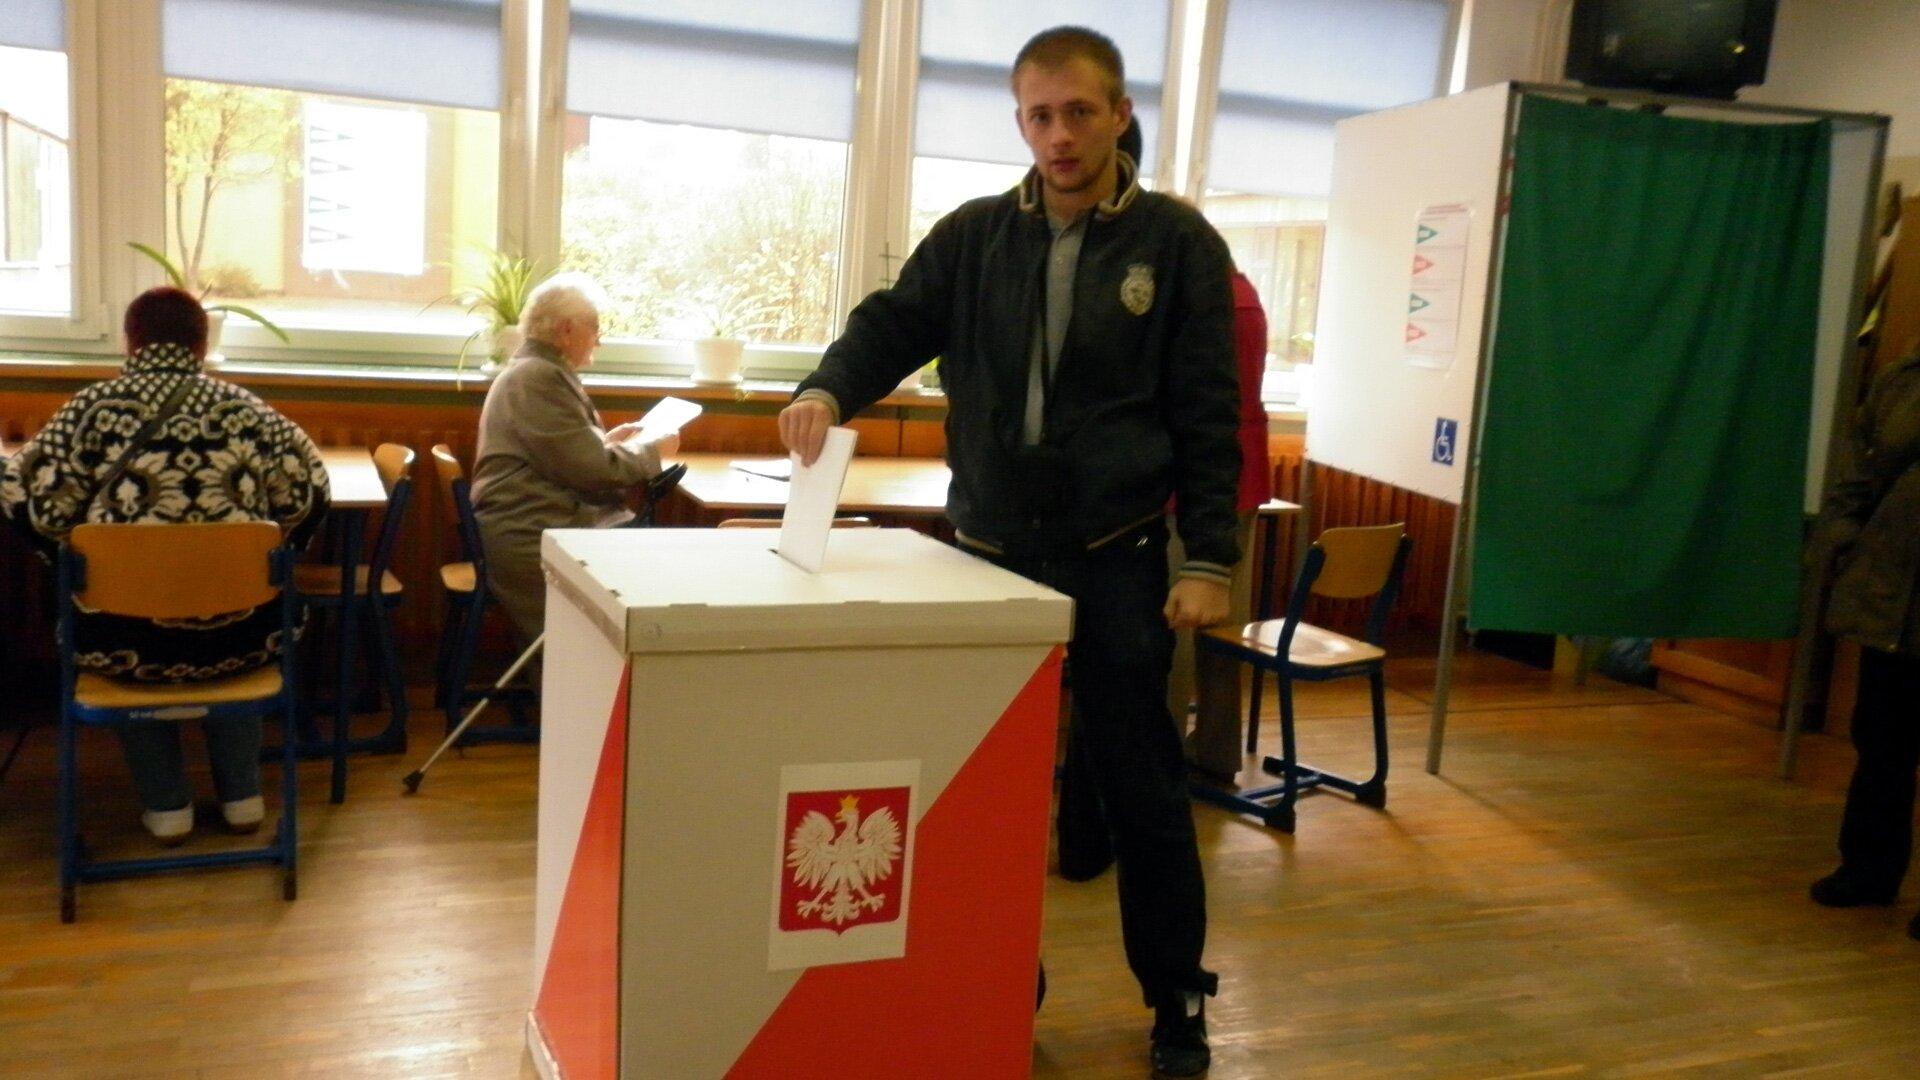 Wybory parlamentarne - mężczyzna przy urnie wyborczej